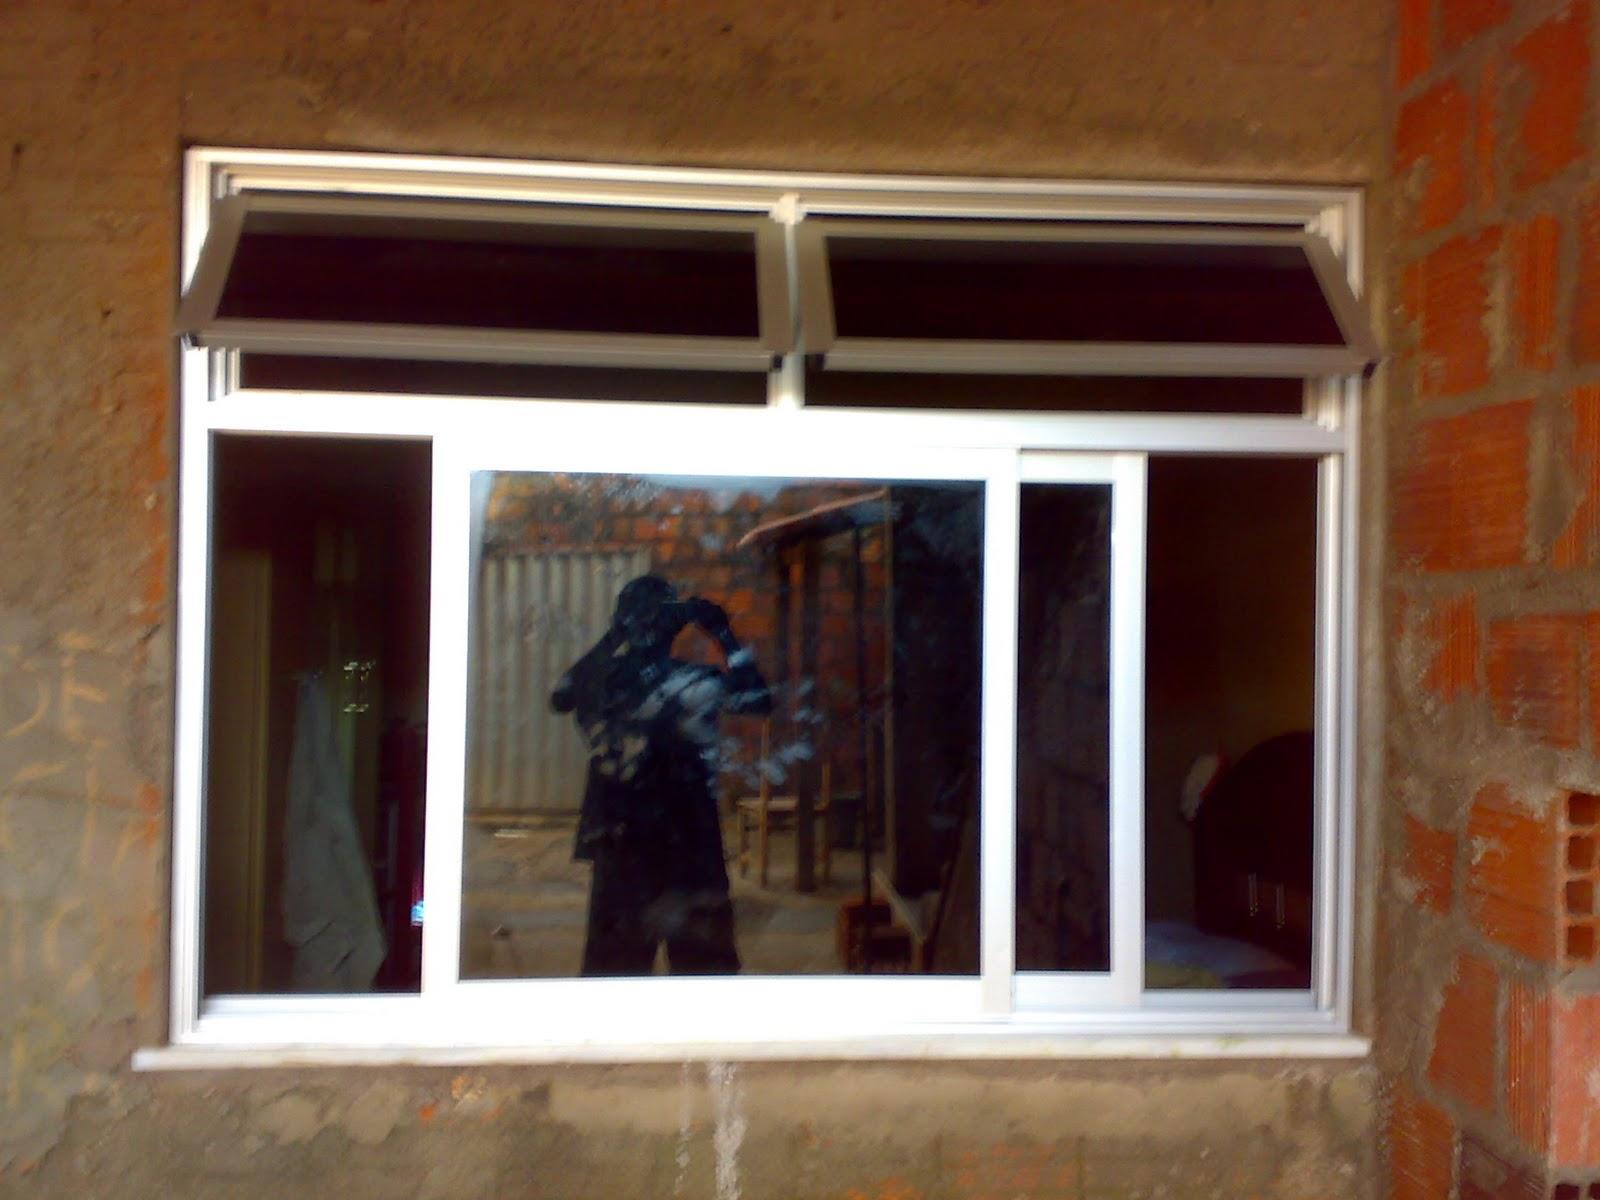 #6F4020 Janela alumínio fosco com maxi ar vidro com película fume 10 Janelas De Vidro Com Aluminio Fosco